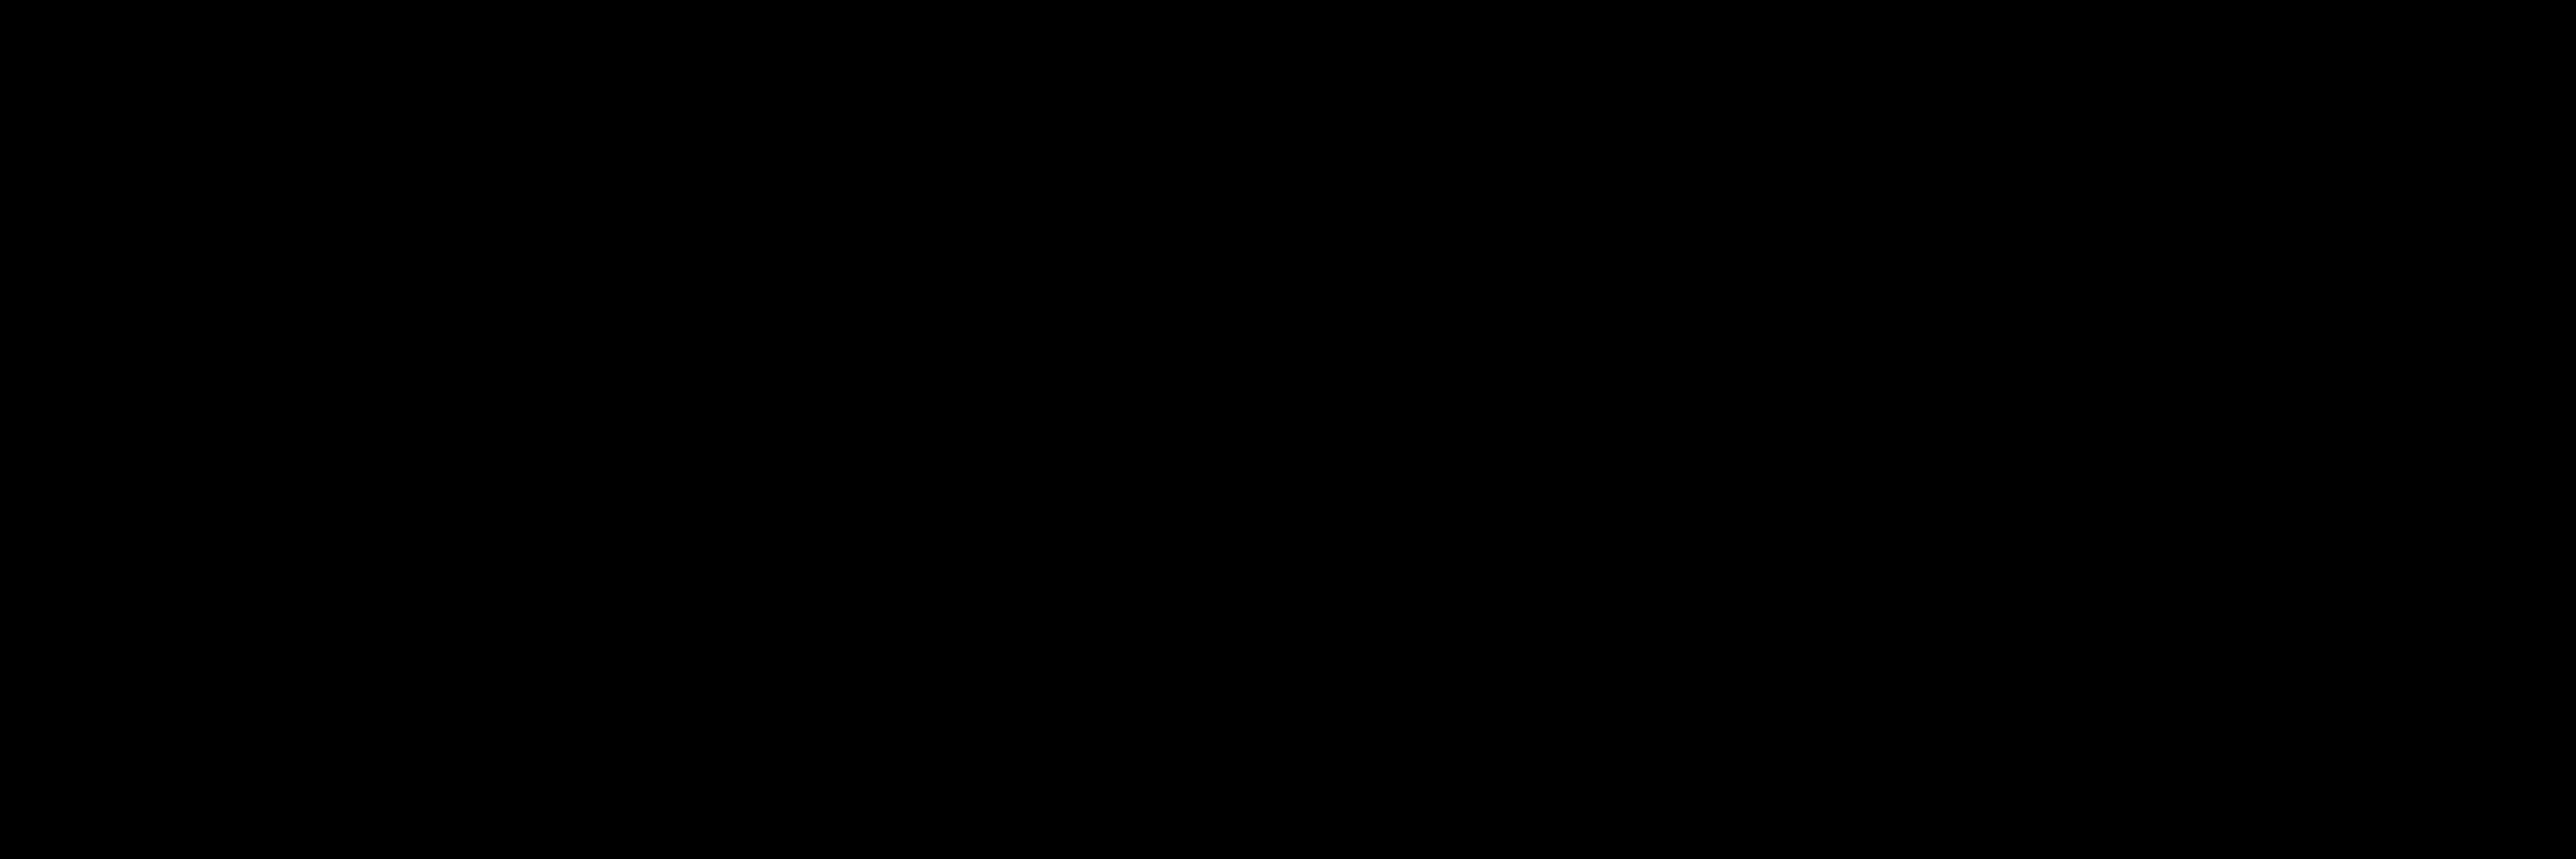 Norway Field Pano.jpg